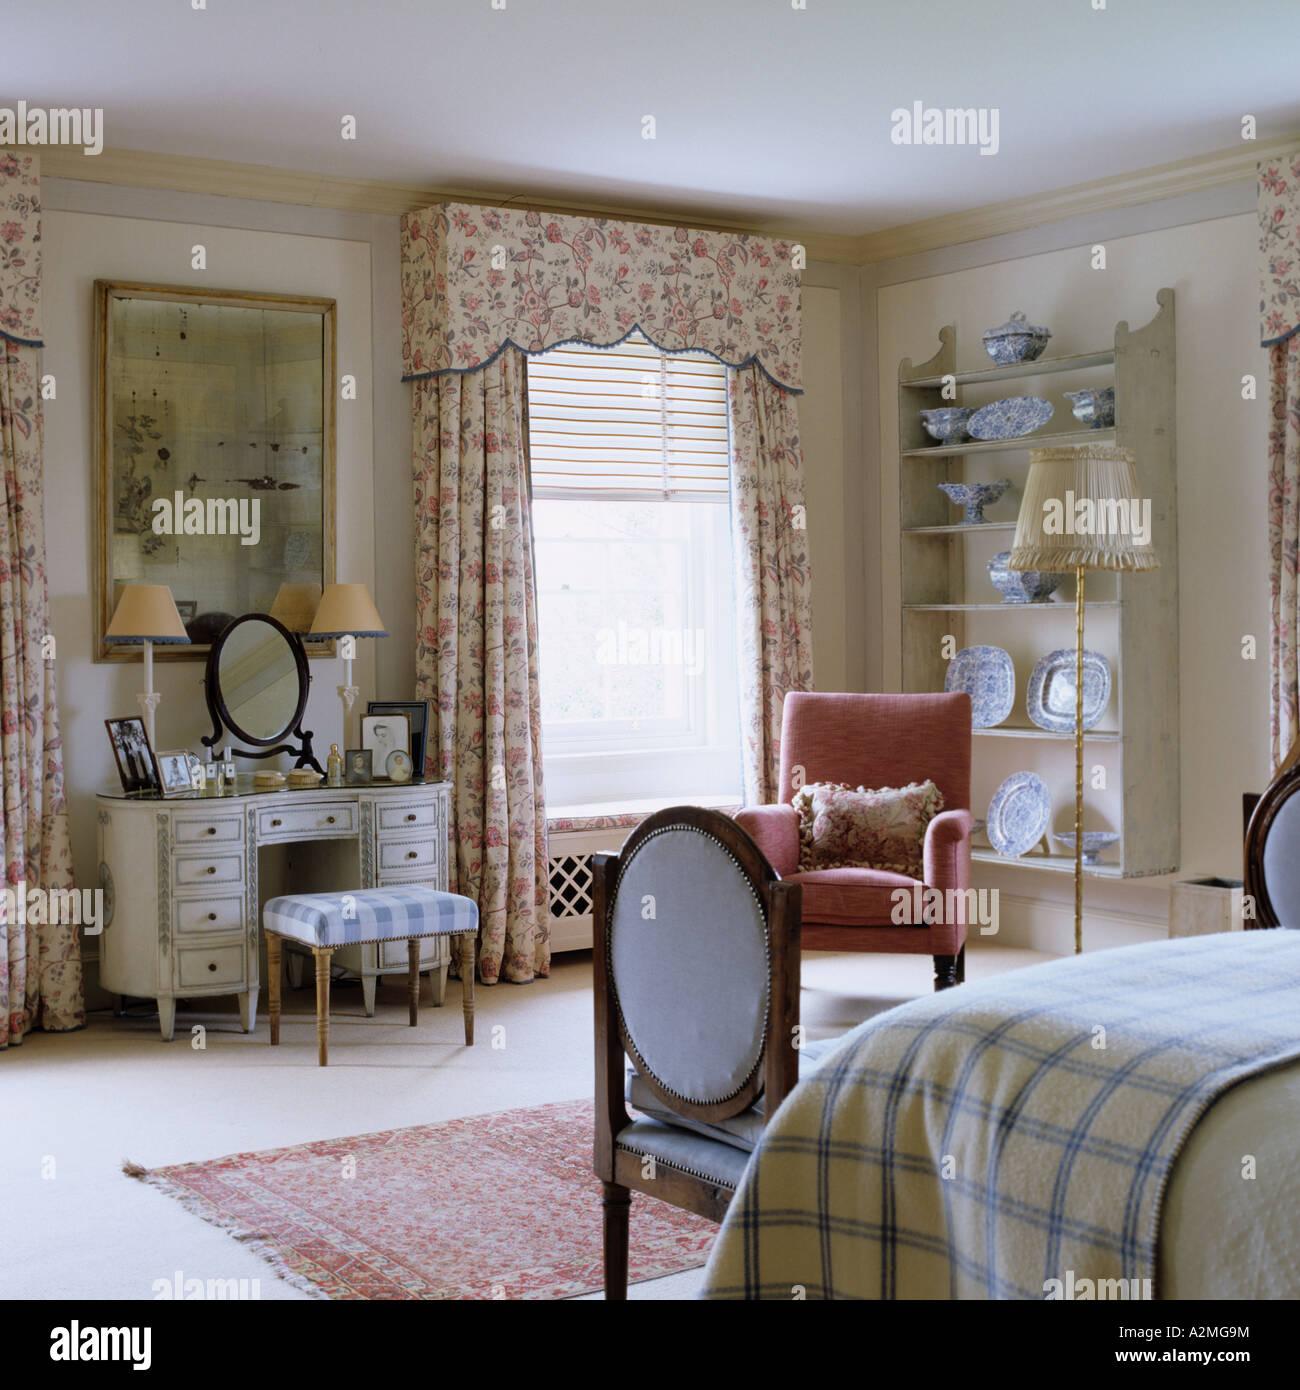 Camera da letto con tende a motivi geometrici e toeletta in inglese ...